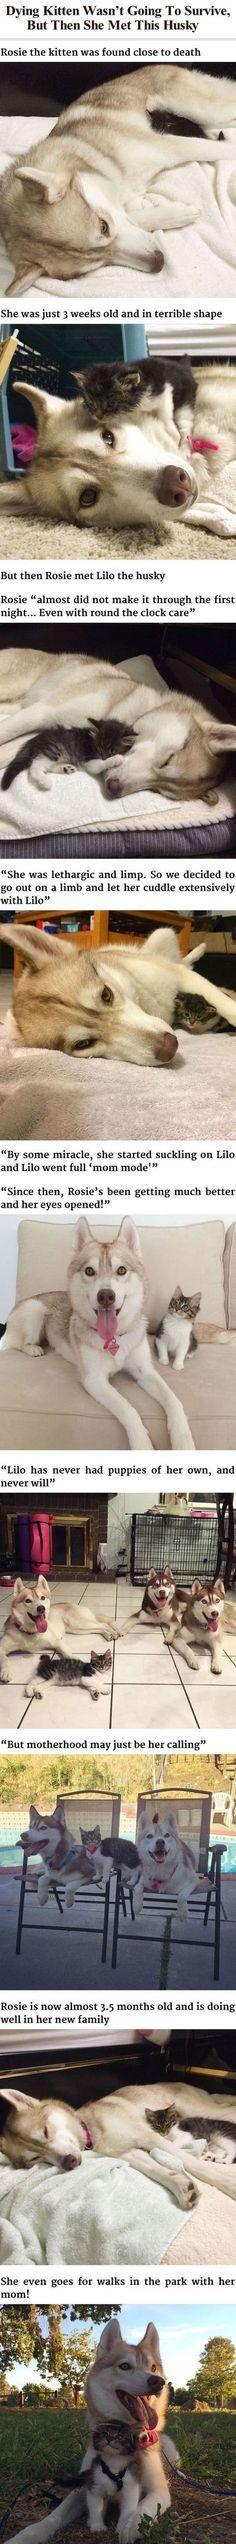 Ungewöhnliche Tierfreundschaften..........Katze und Hund